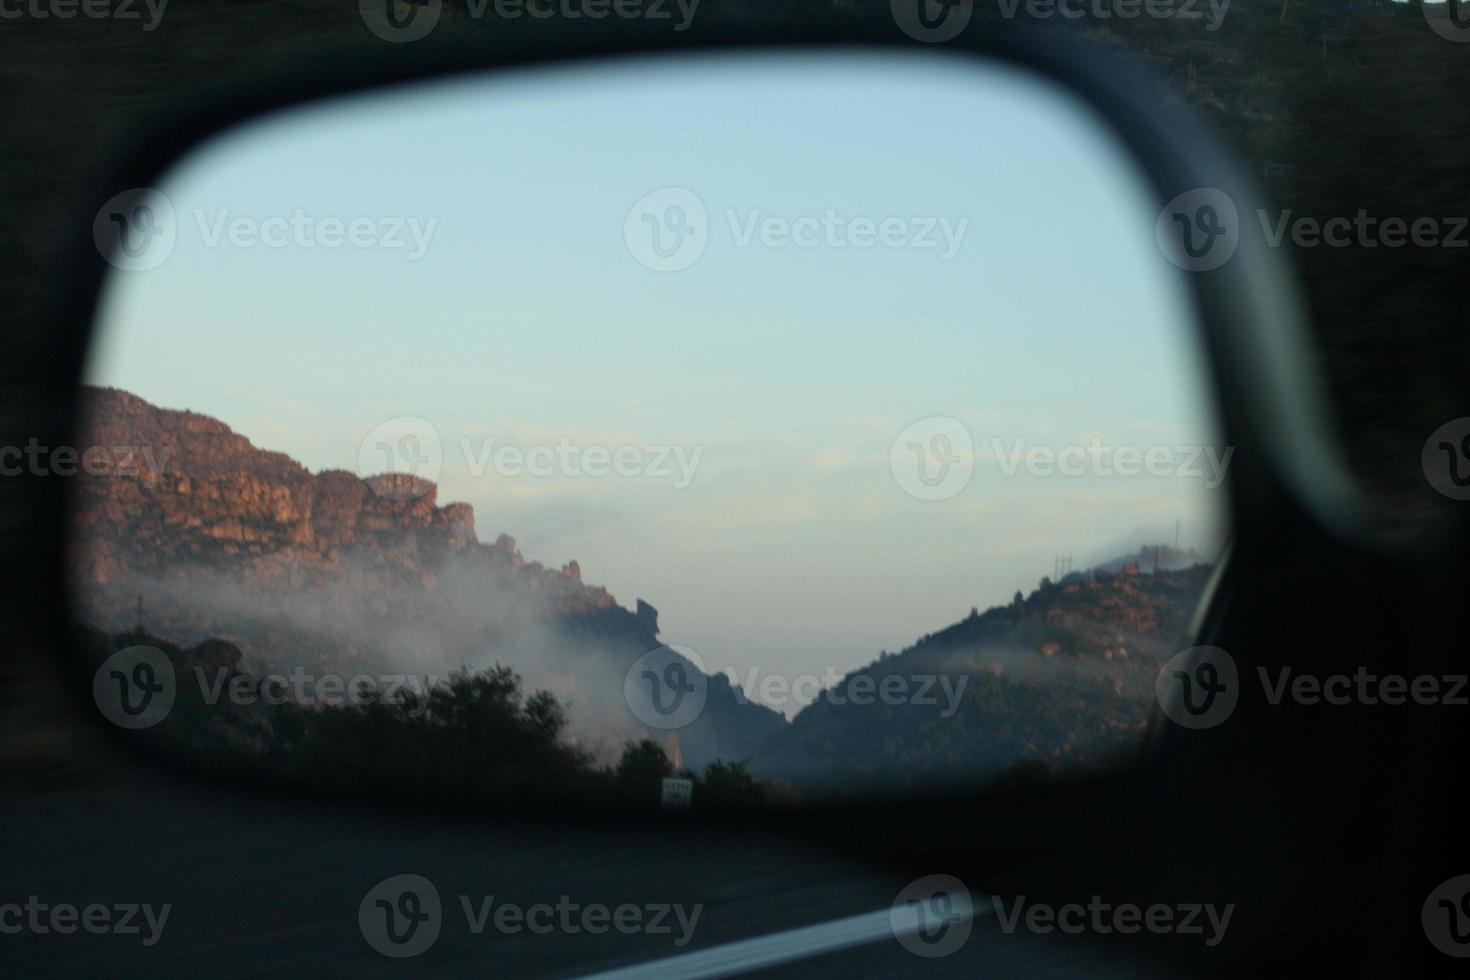 montagna nebbiosa nello specchietto retrovisore foto